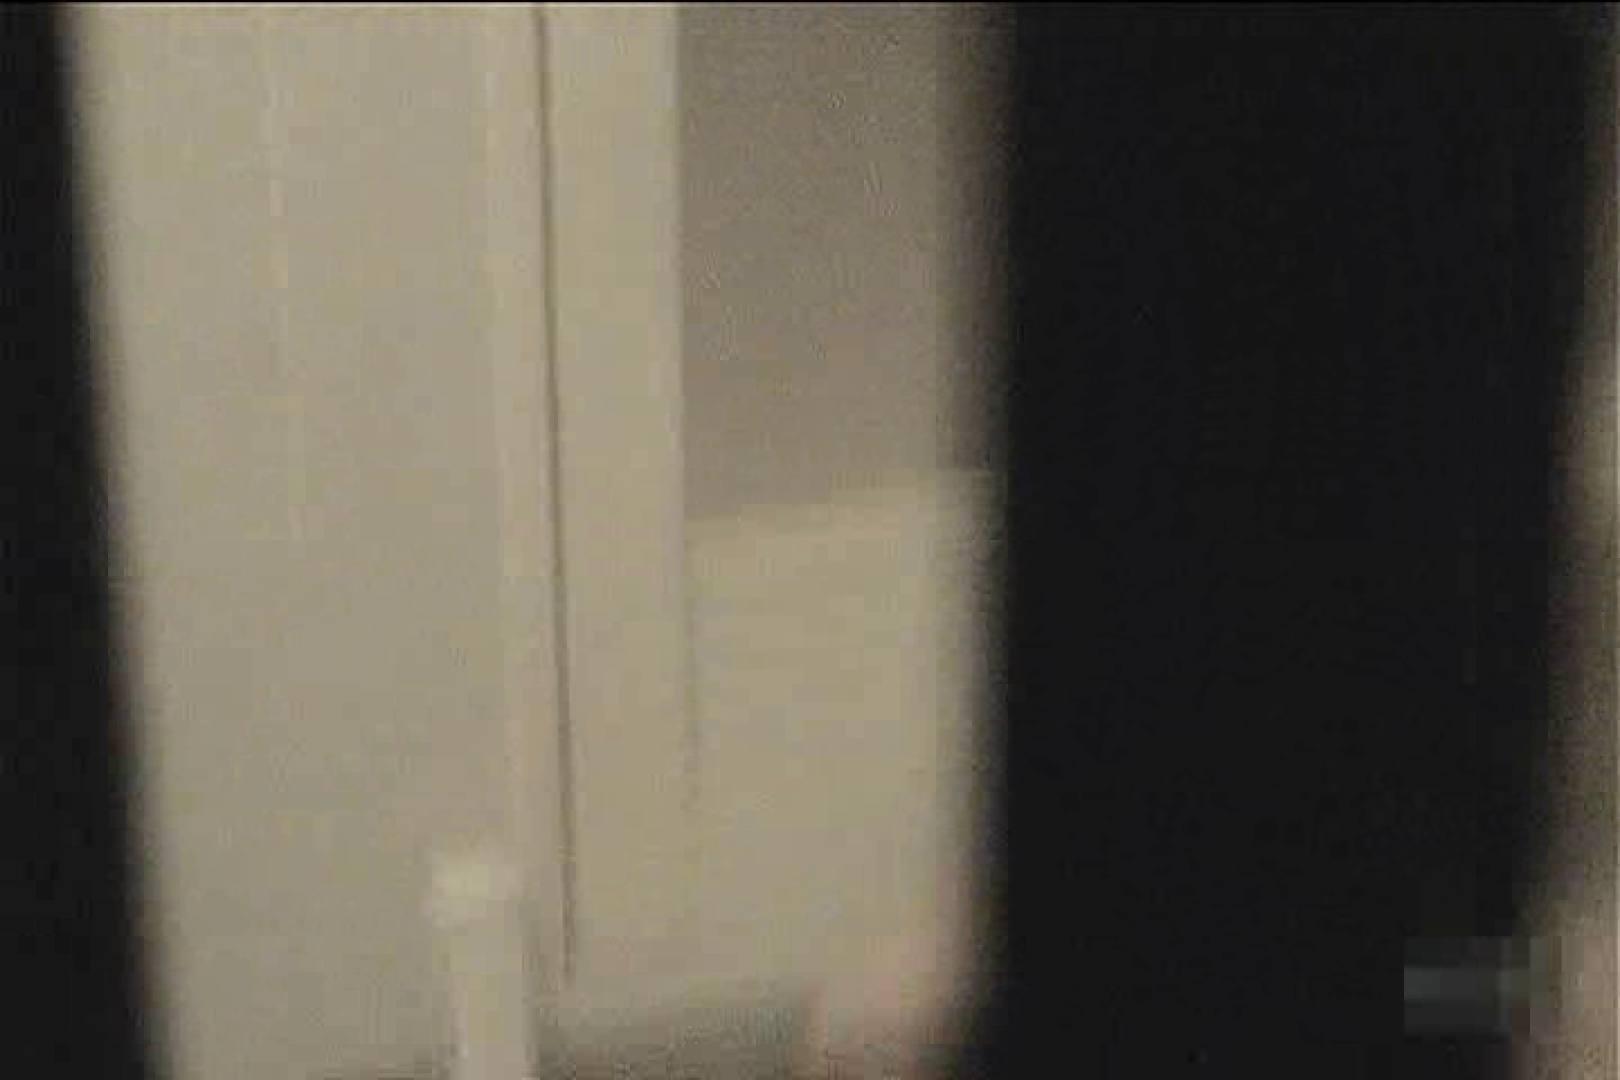 激撮ストーカー記録あなたのお宅拝見しますVol.11 シャワー エロ画像 78PIX 27